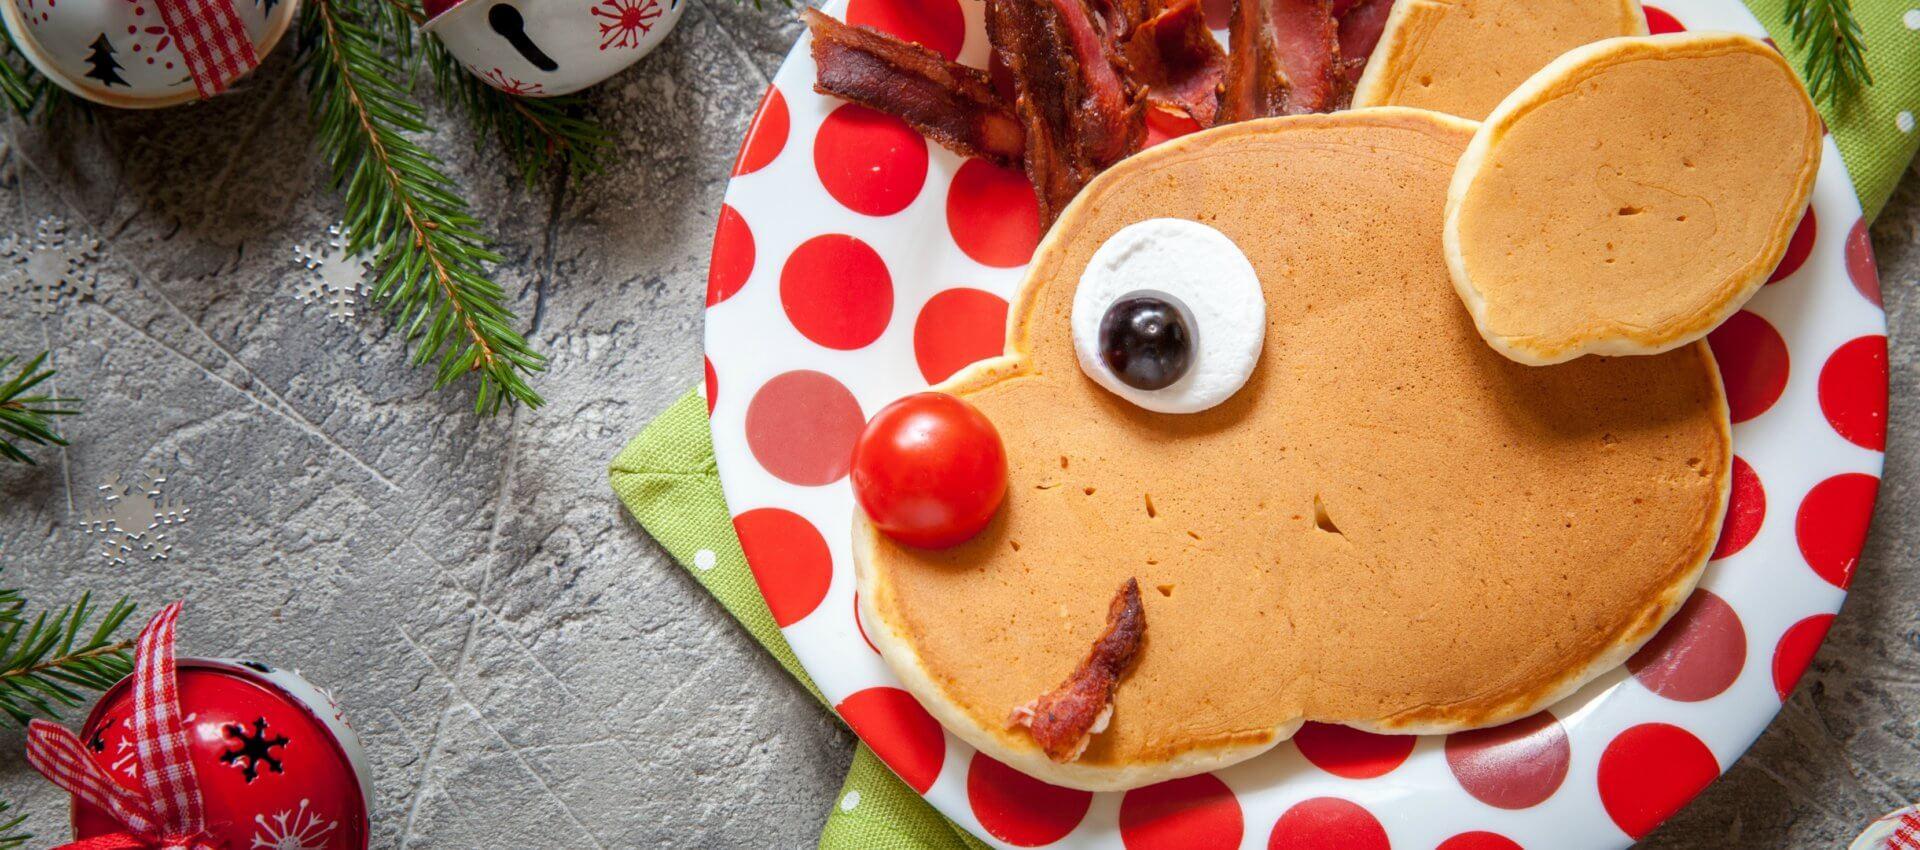 Christmas fun food for kids. Reindeer pancake for breakfast